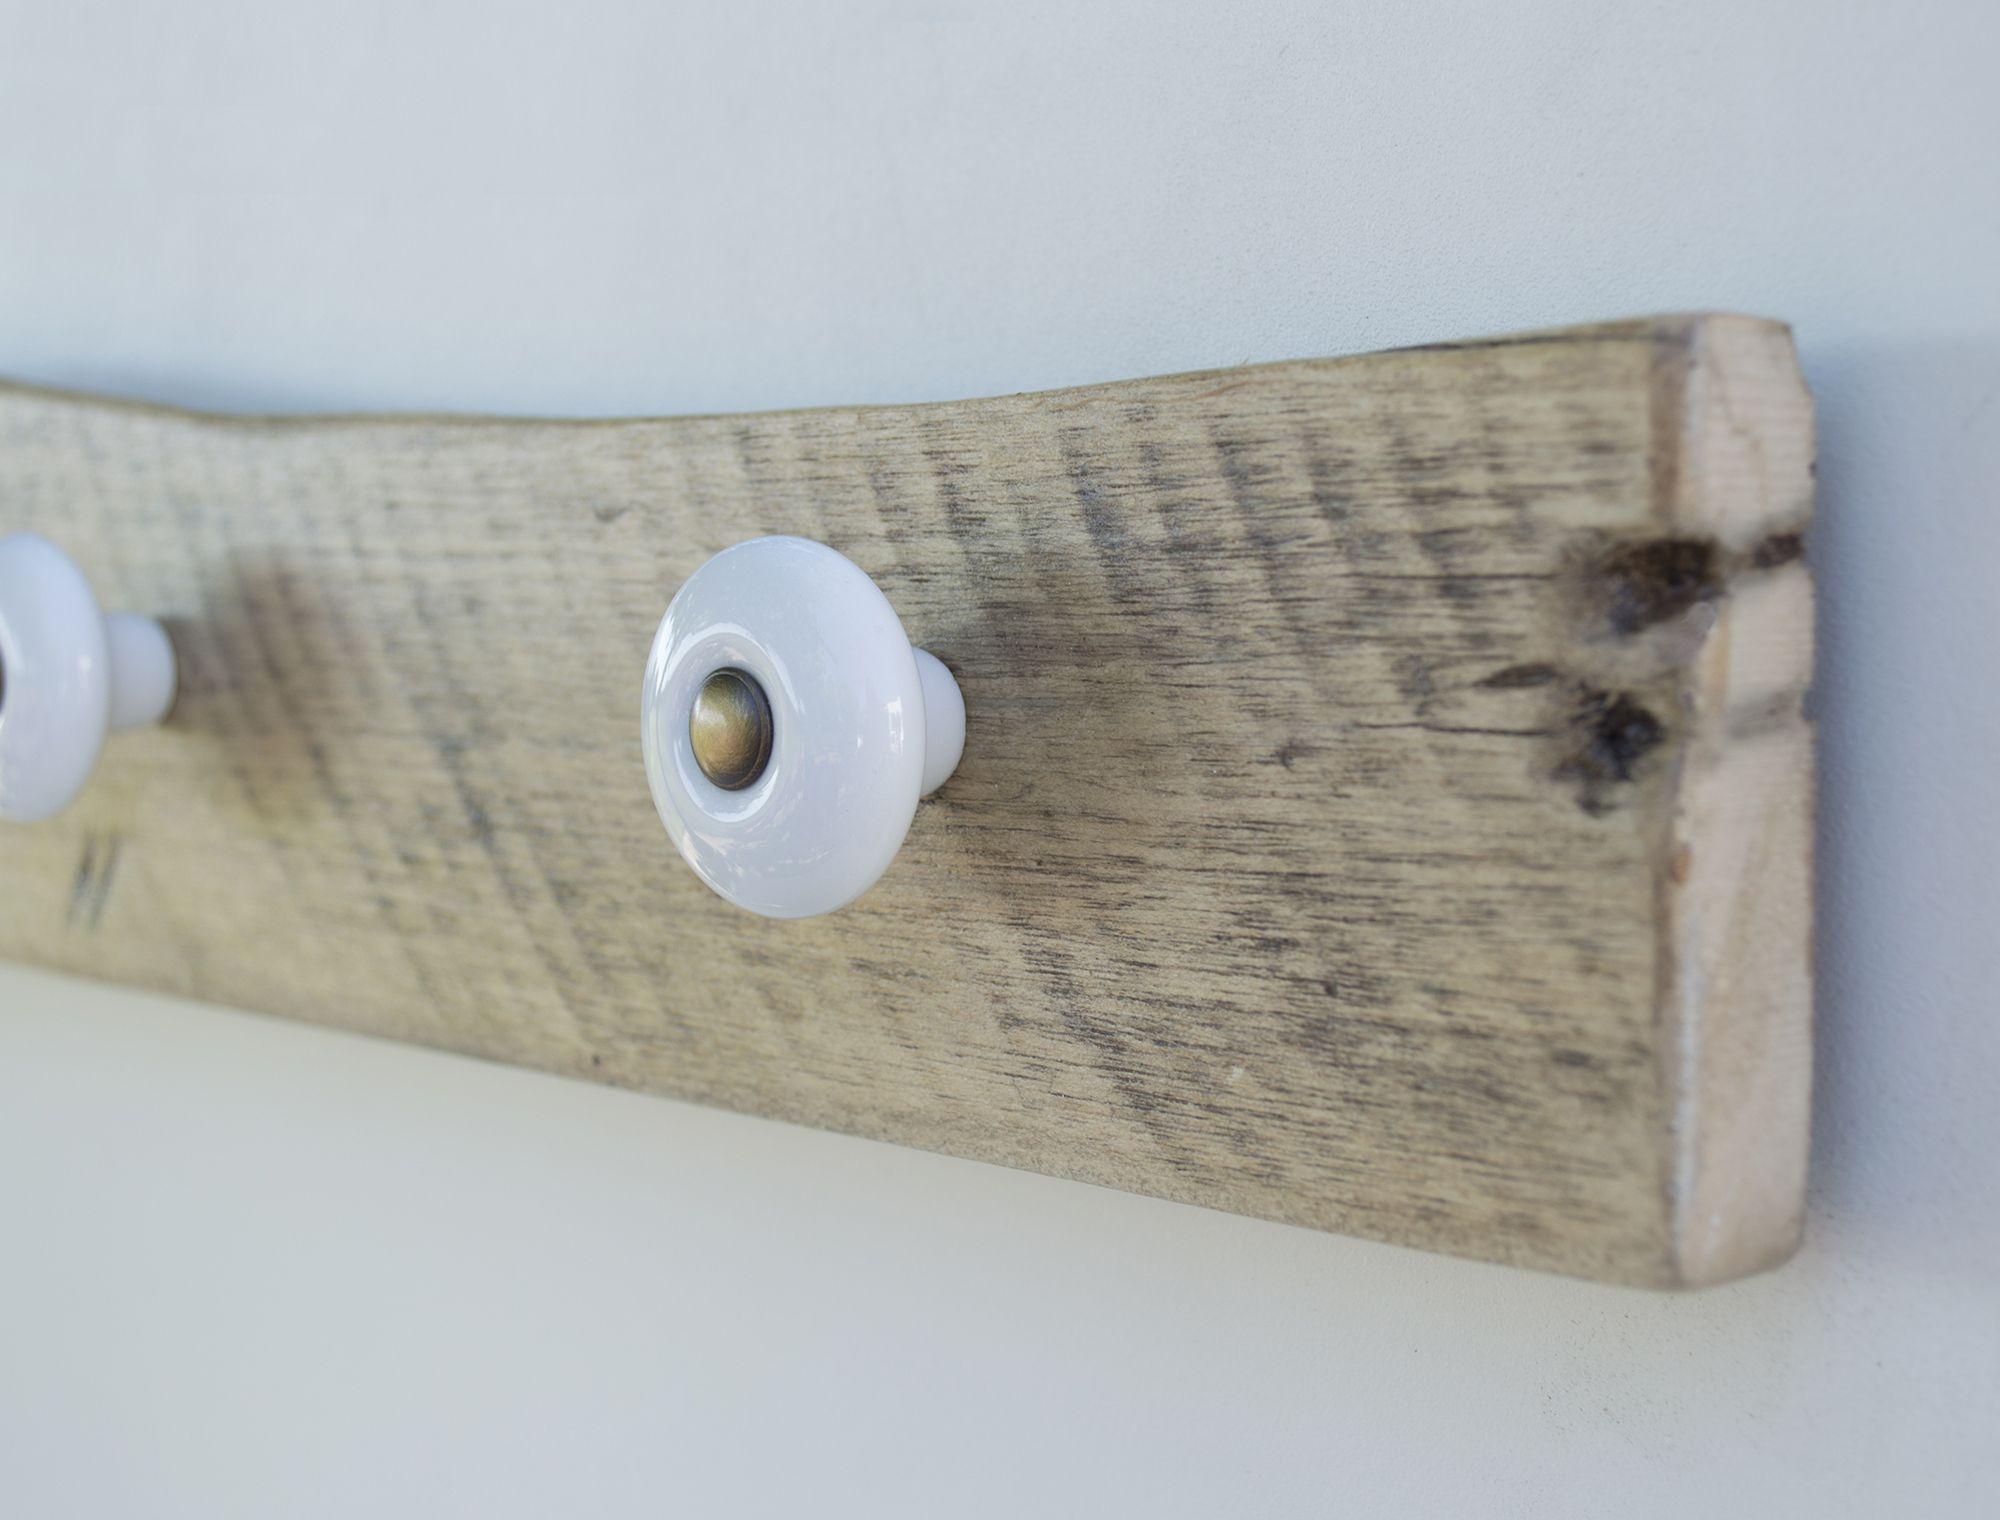 Colgador Tiradores De Porcelana Madera Reciclada De Pal  ~ Manualidades De Madera Reciclada